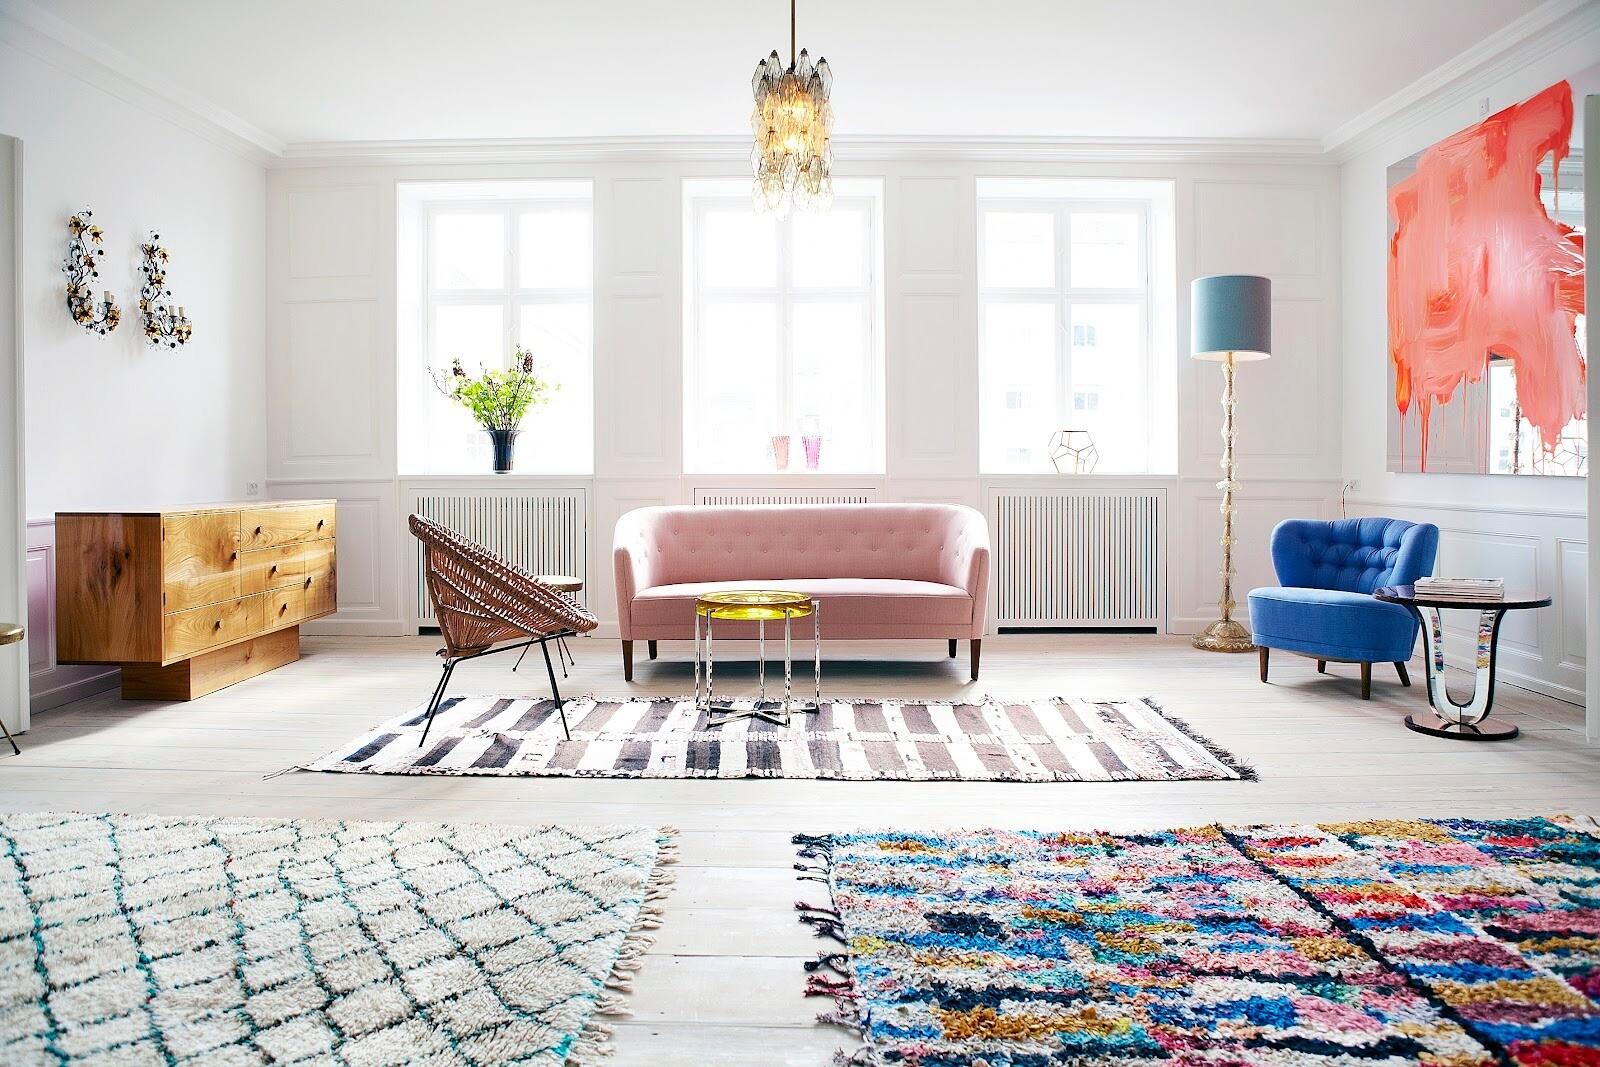 Выбираем идеальный размер ковра для комнаты: 4 момента, которые надо учесть